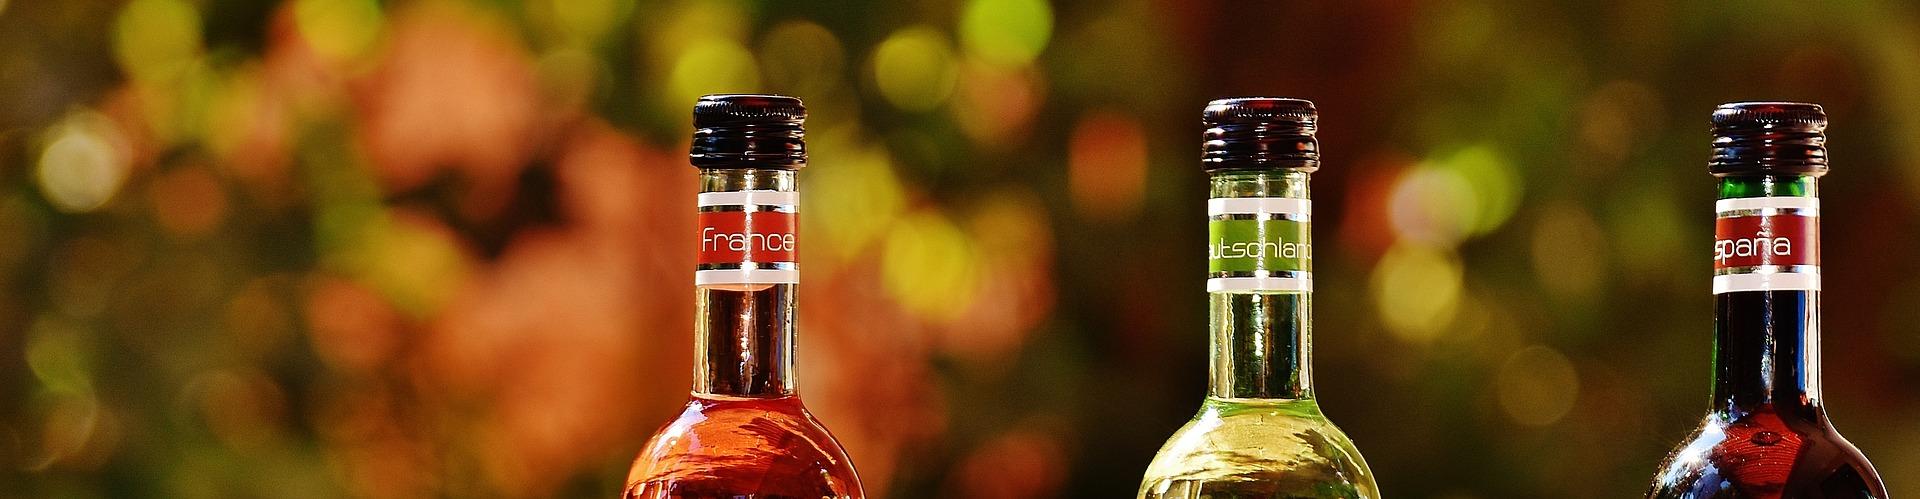 Für eine optimale Weinkühlung ist der Weinkühlschrank optimal geeignet